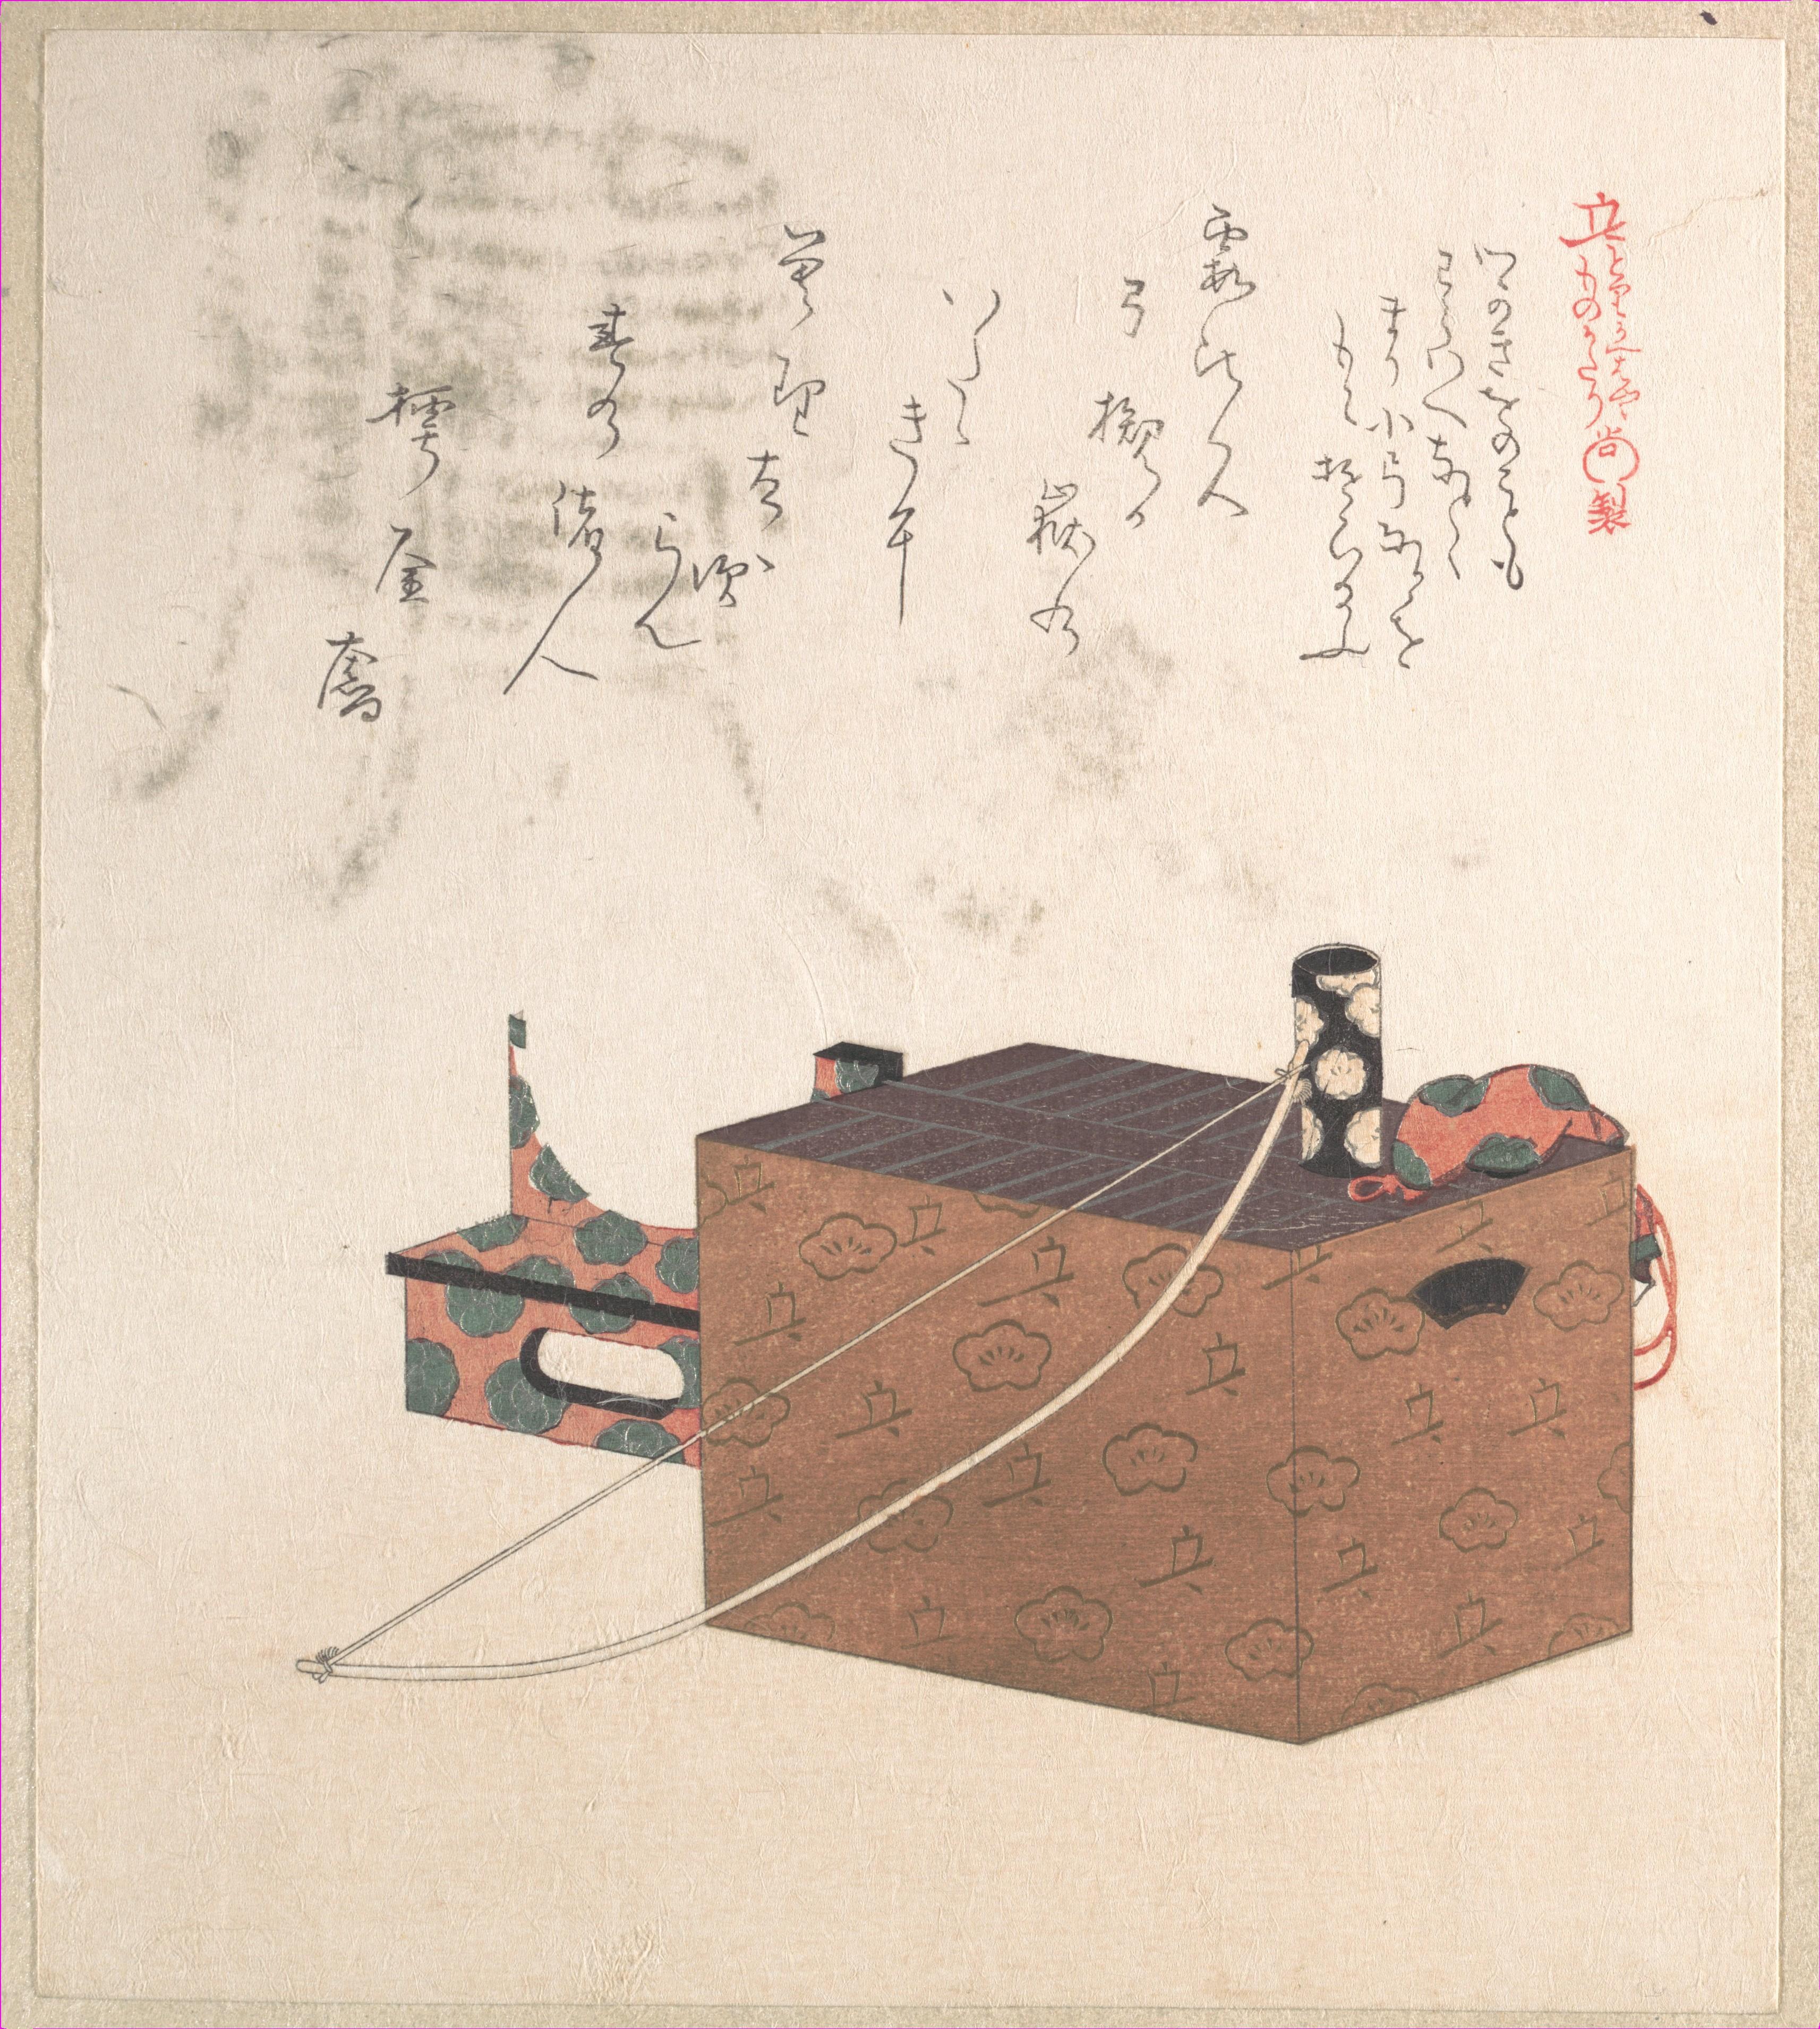 Коробка для игры сугороку, лук и барабан_210х184 мм